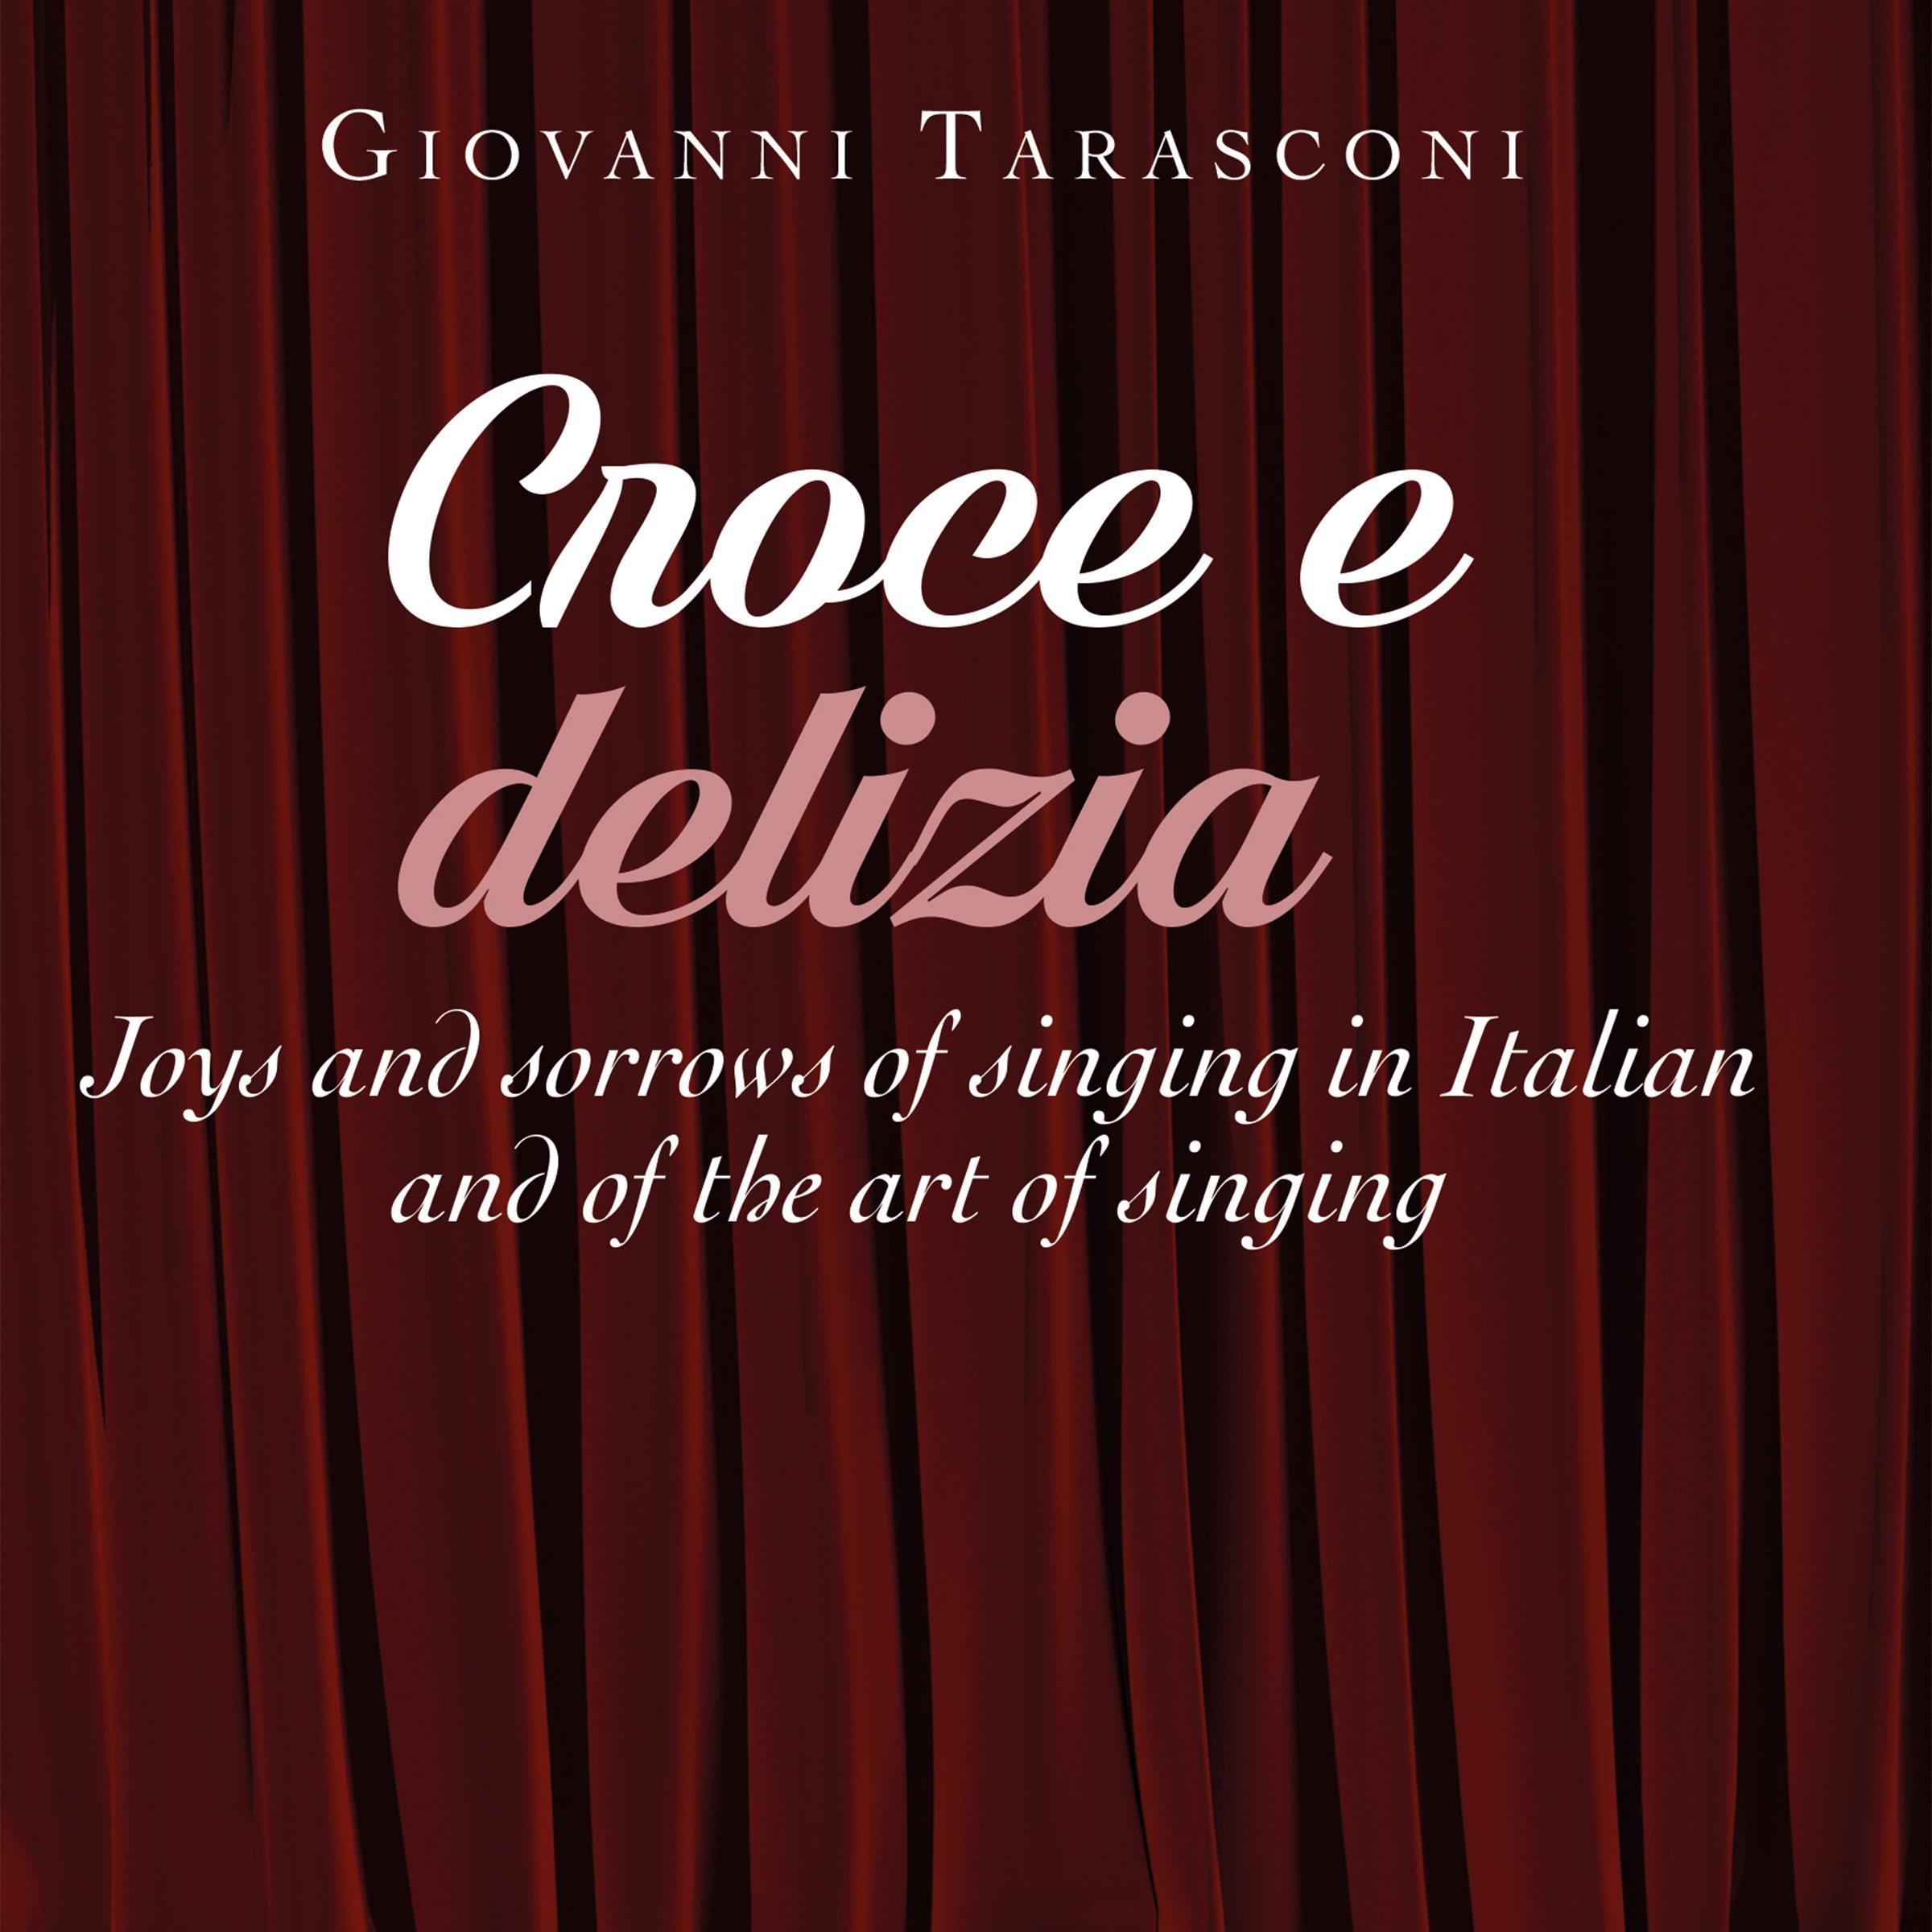 Croce e delizia. Joys and sorrows